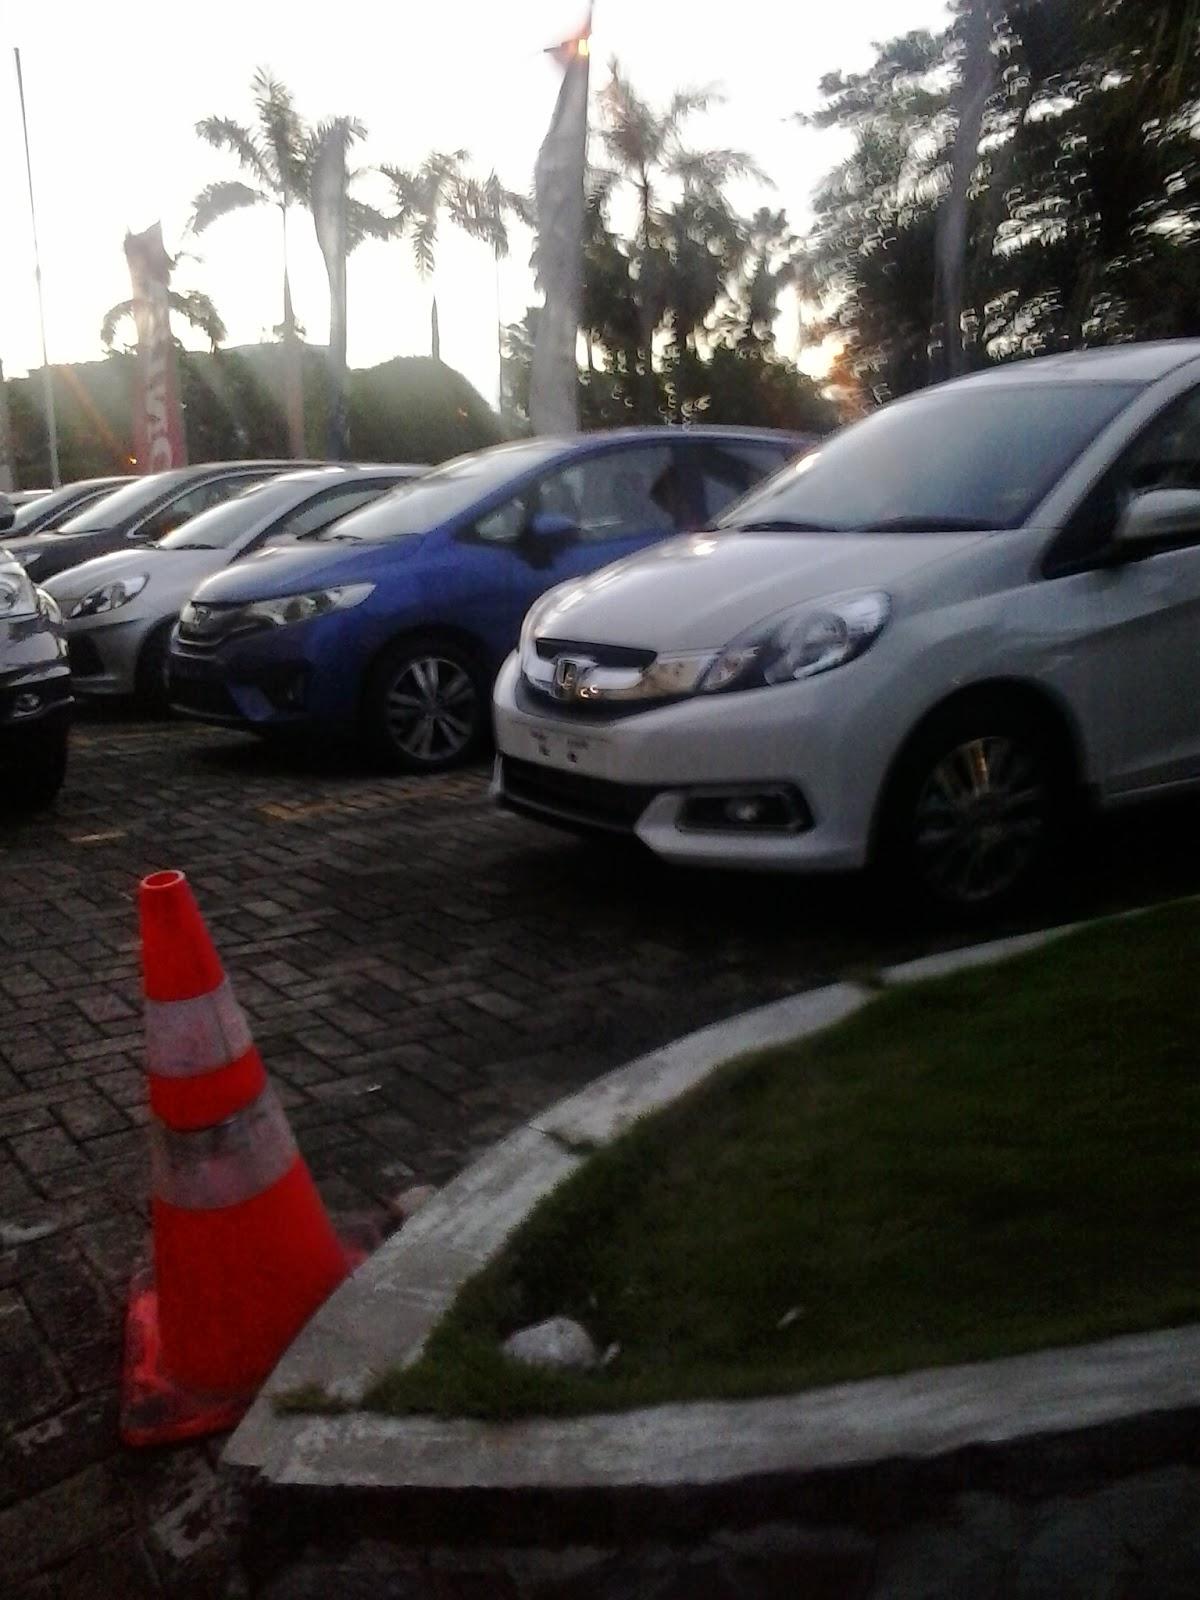 Honda Bekasi, Honda Pondok Gede, Honda Narogong, Honda Jatiasih